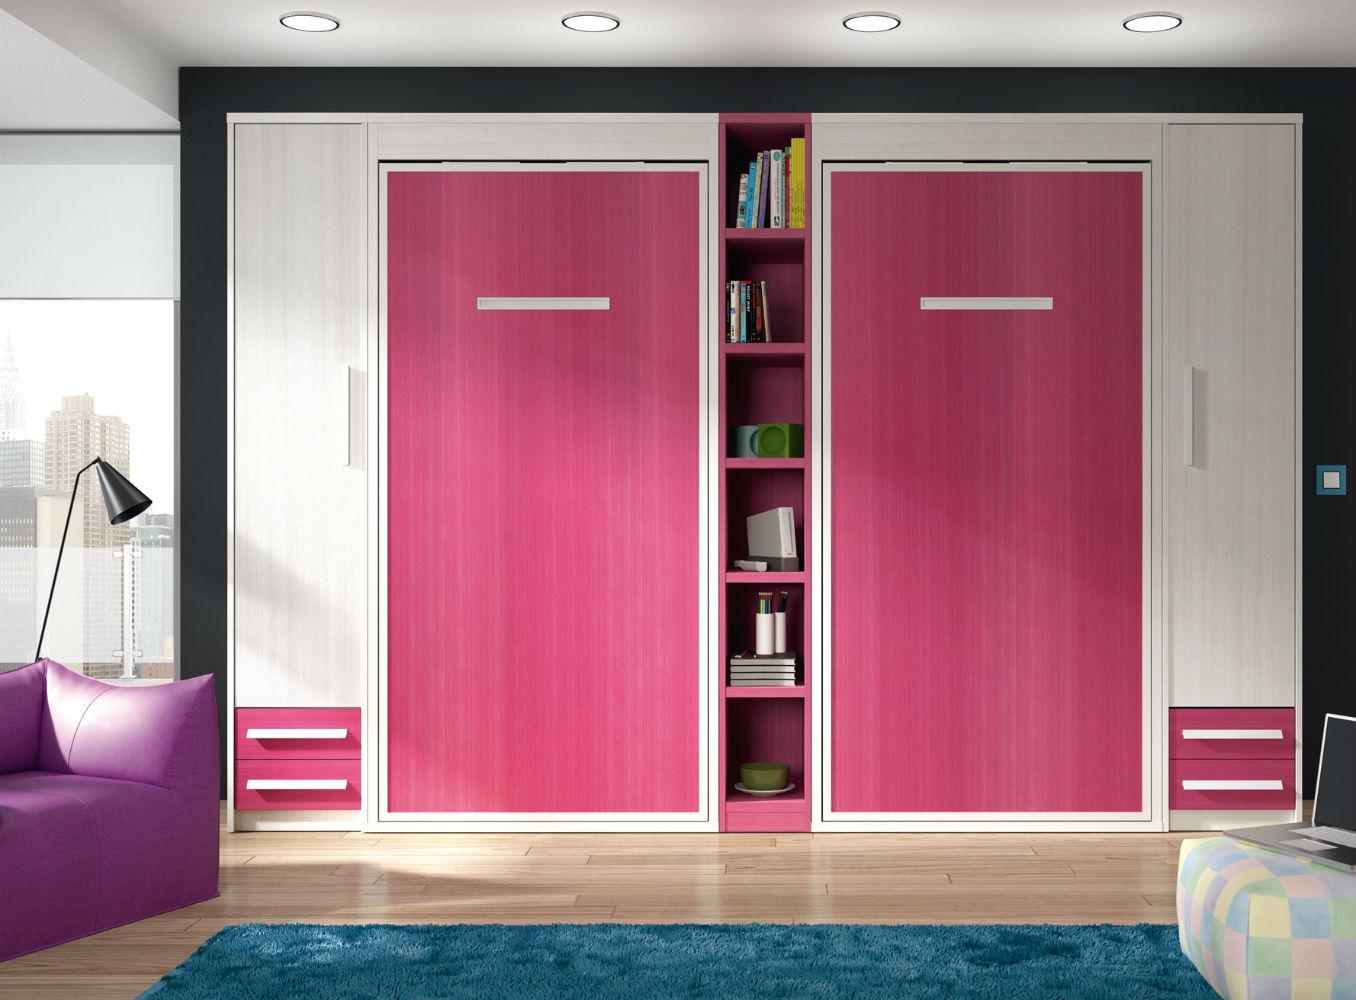 Dormitorio infantil juvenil moderno literas abatibles 69 f225 - Dormitorios con camas abatibles ...